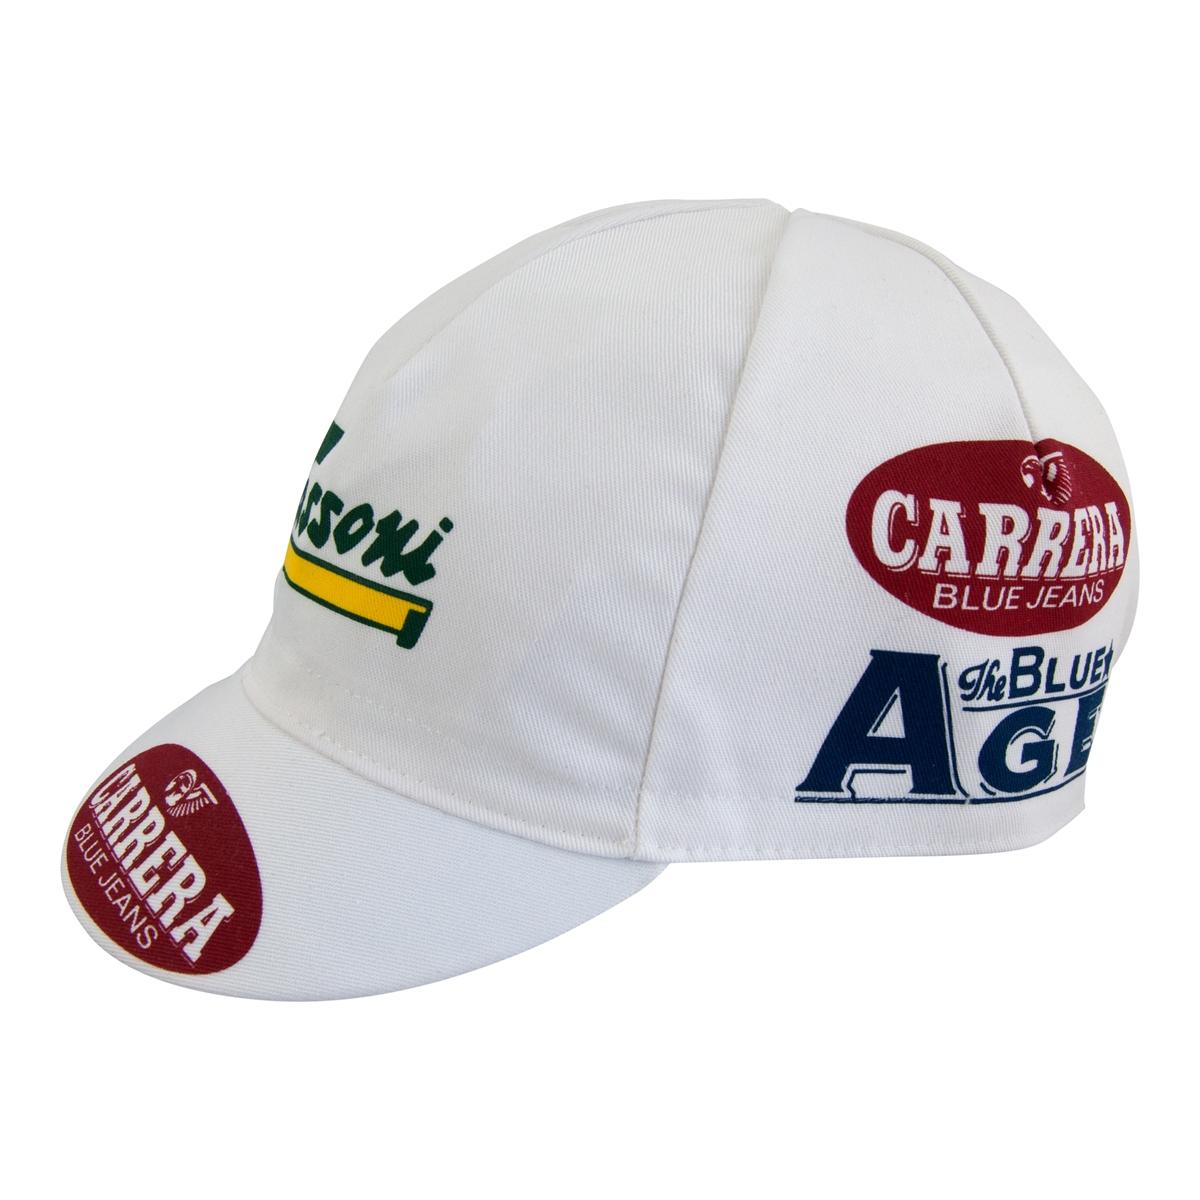 Carrera retro Pro Team Cycling Cap 4faa0a25c